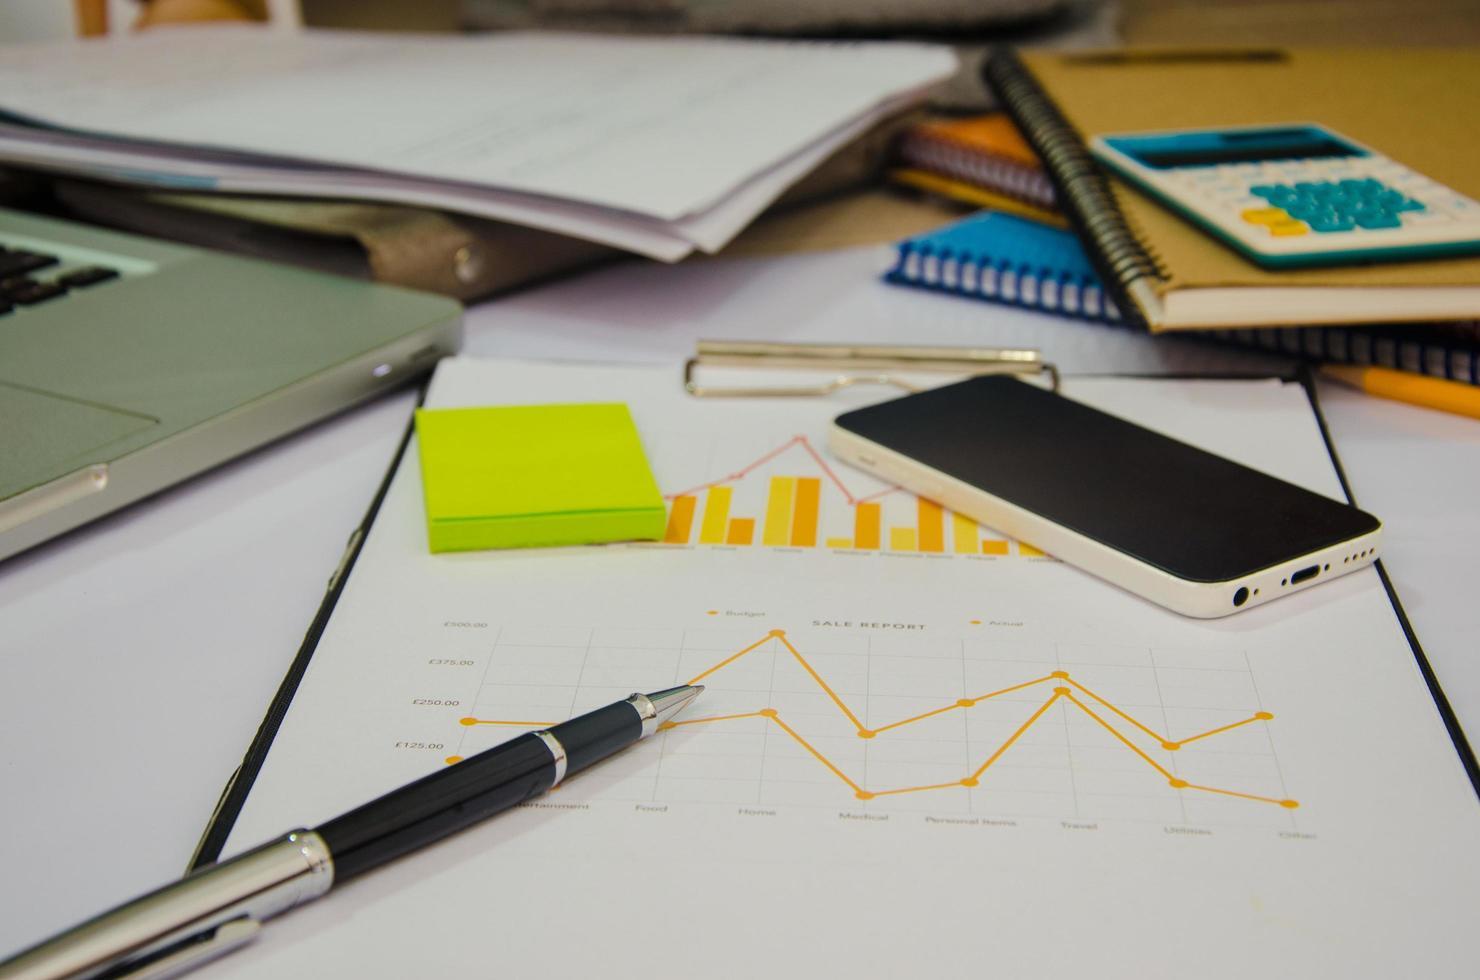 scrivania disordinata con grafico su una lavagna per appunti foto